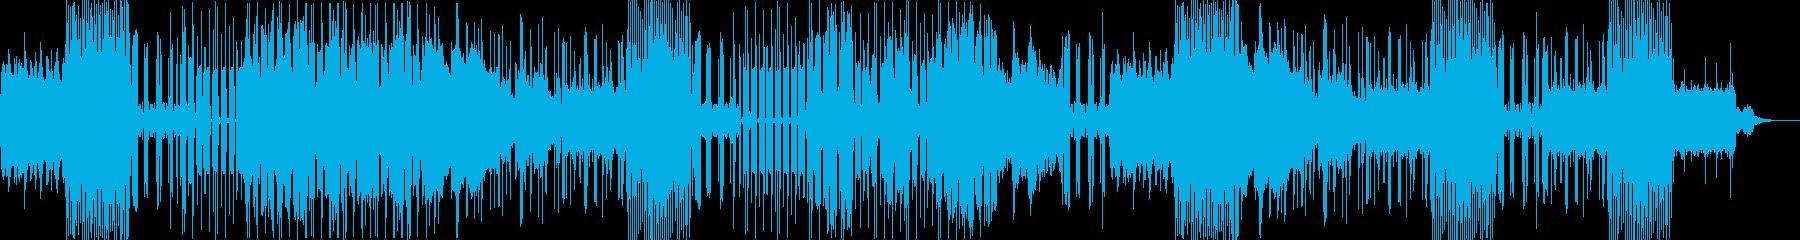 ロマンス系のヒップホップの再生済みの波形